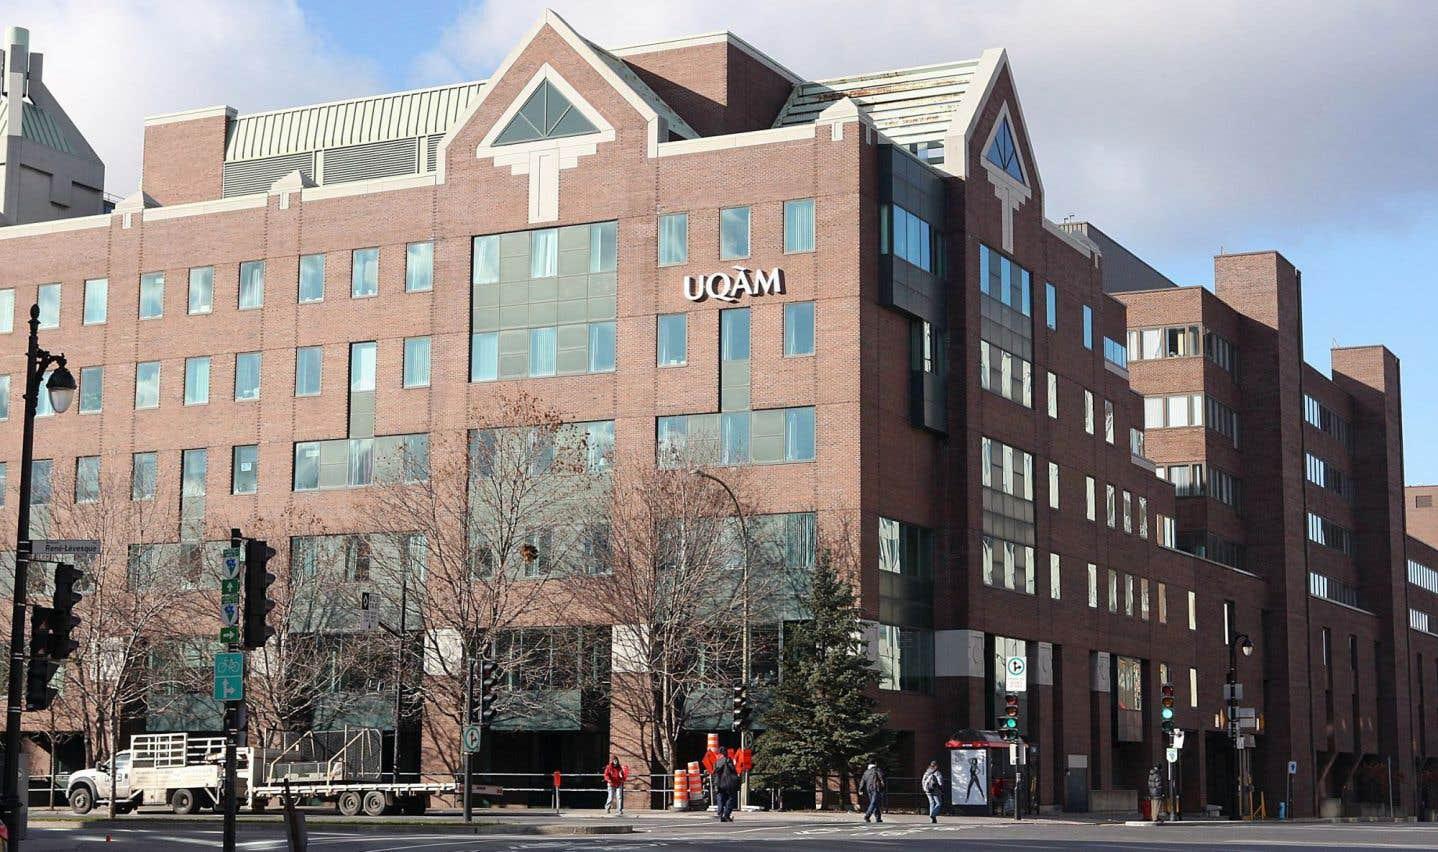 La présence en direct de l'UQAM sur les réseaux sociaux lors de sa journée portes ouvertes permettra aux futurs étudiants étrangers de découvrir l'université de manière plus dynamique.